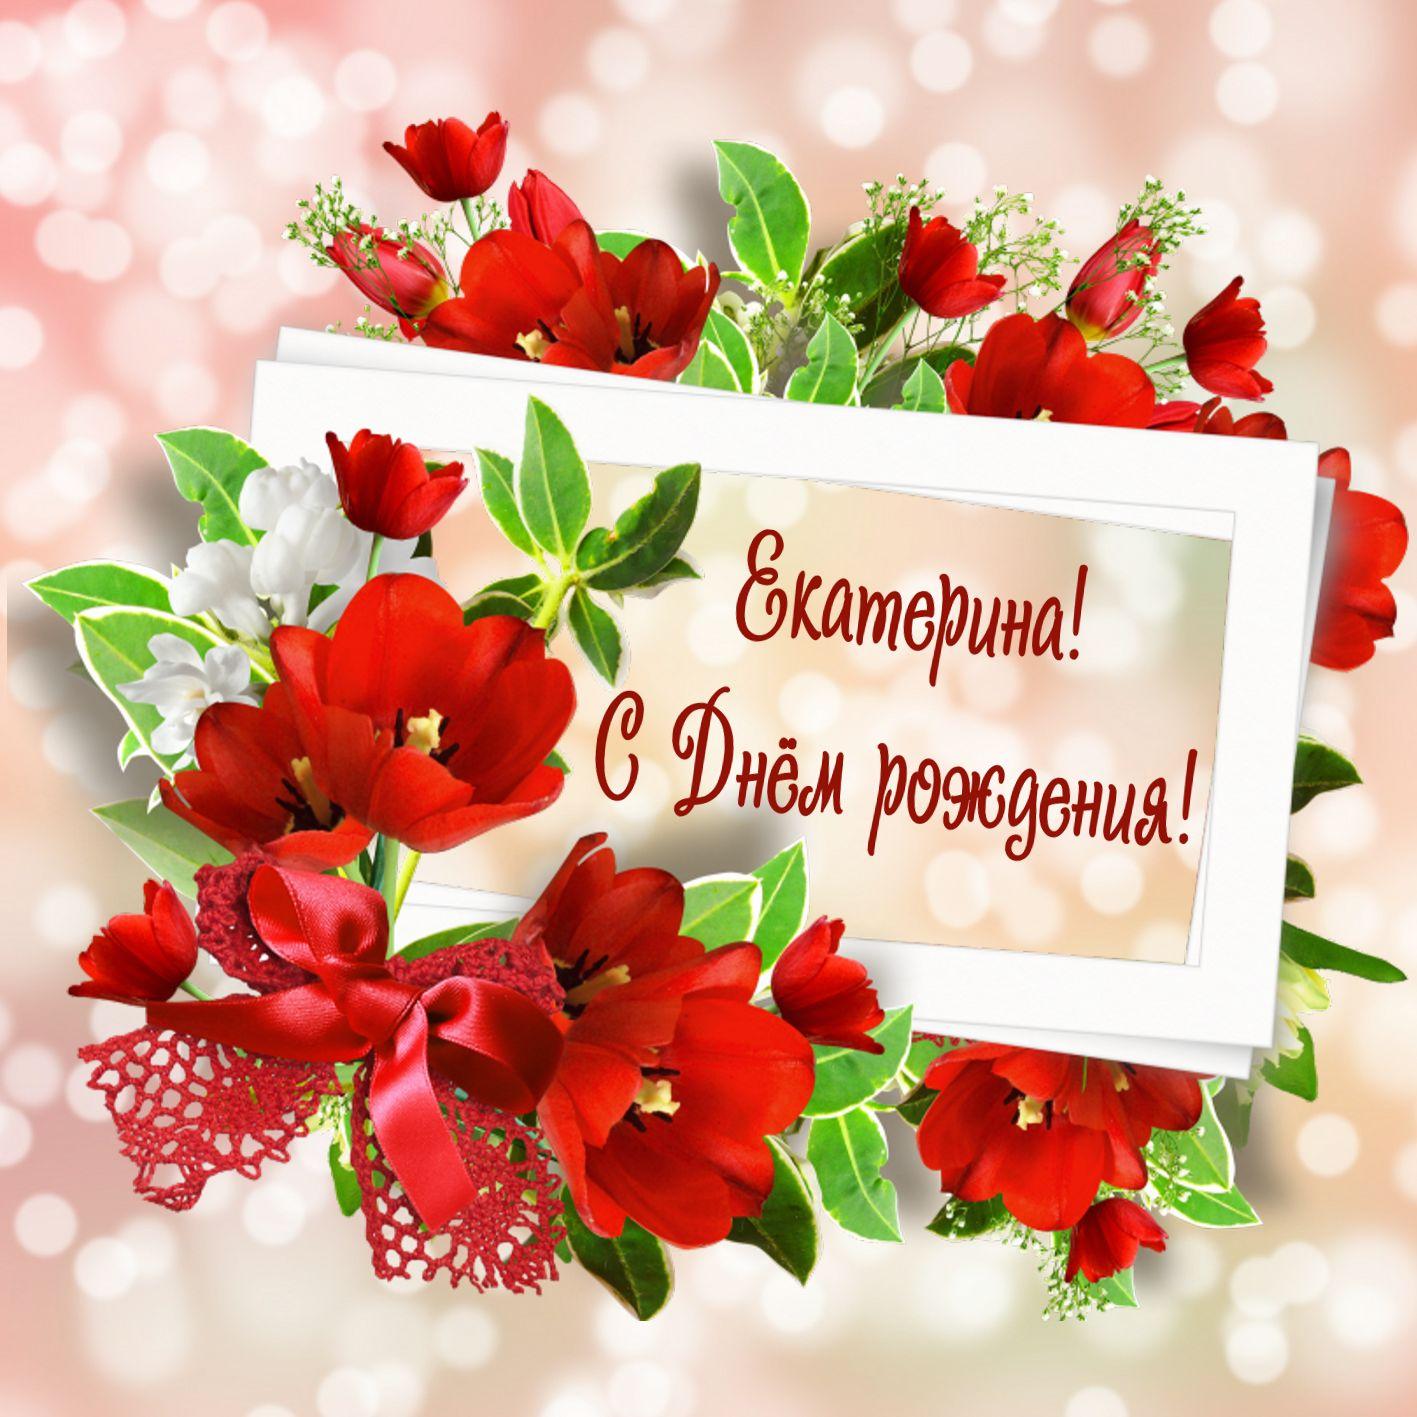 Открытка с Днем рождения Екатерине - красные маки на розовом фоне